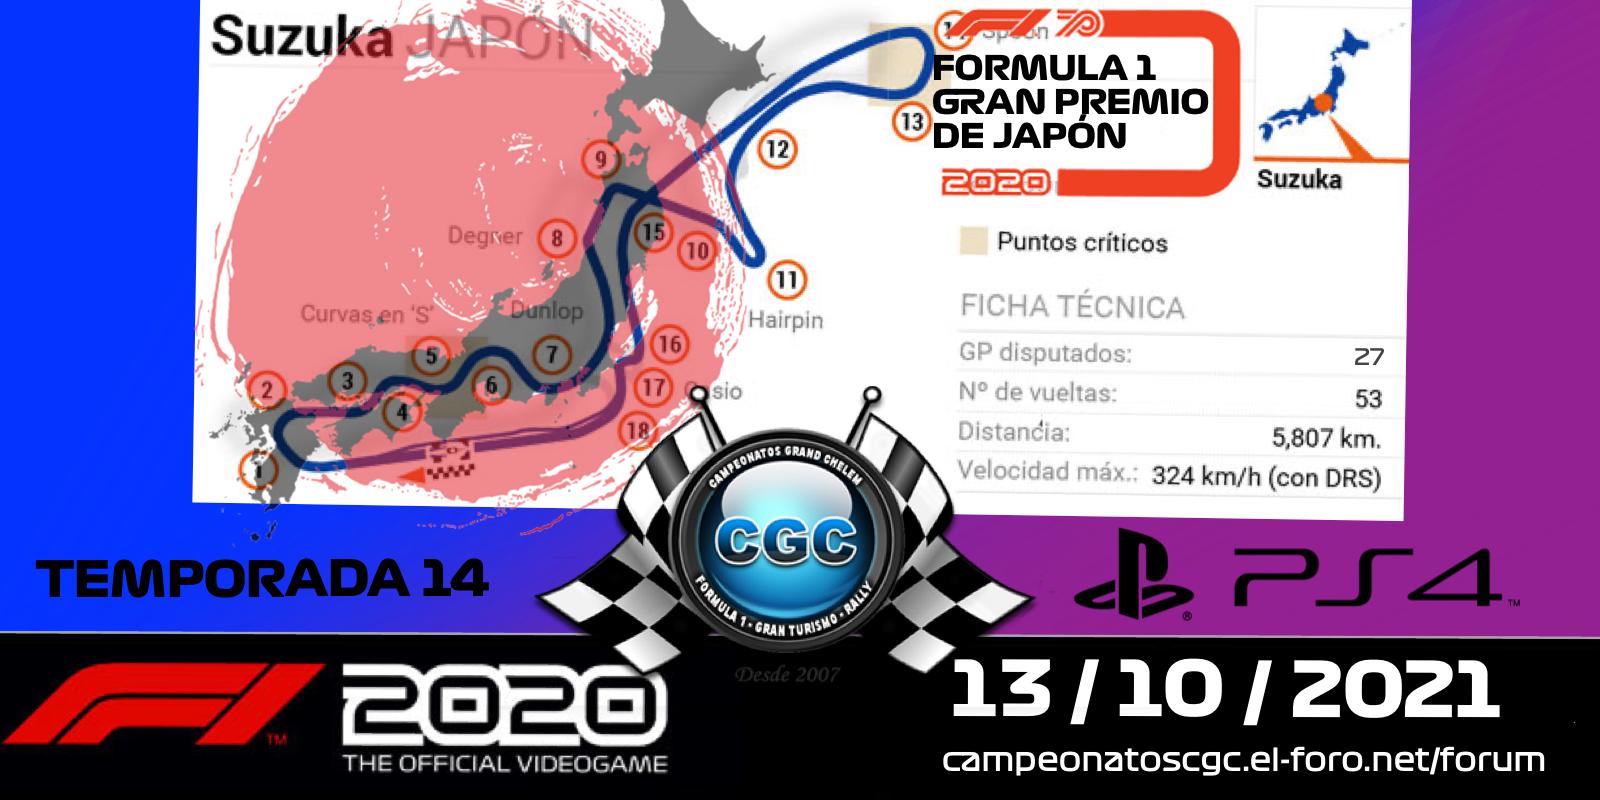 22 - GP de JAPÓN 13/10/2021 TaLPGIX